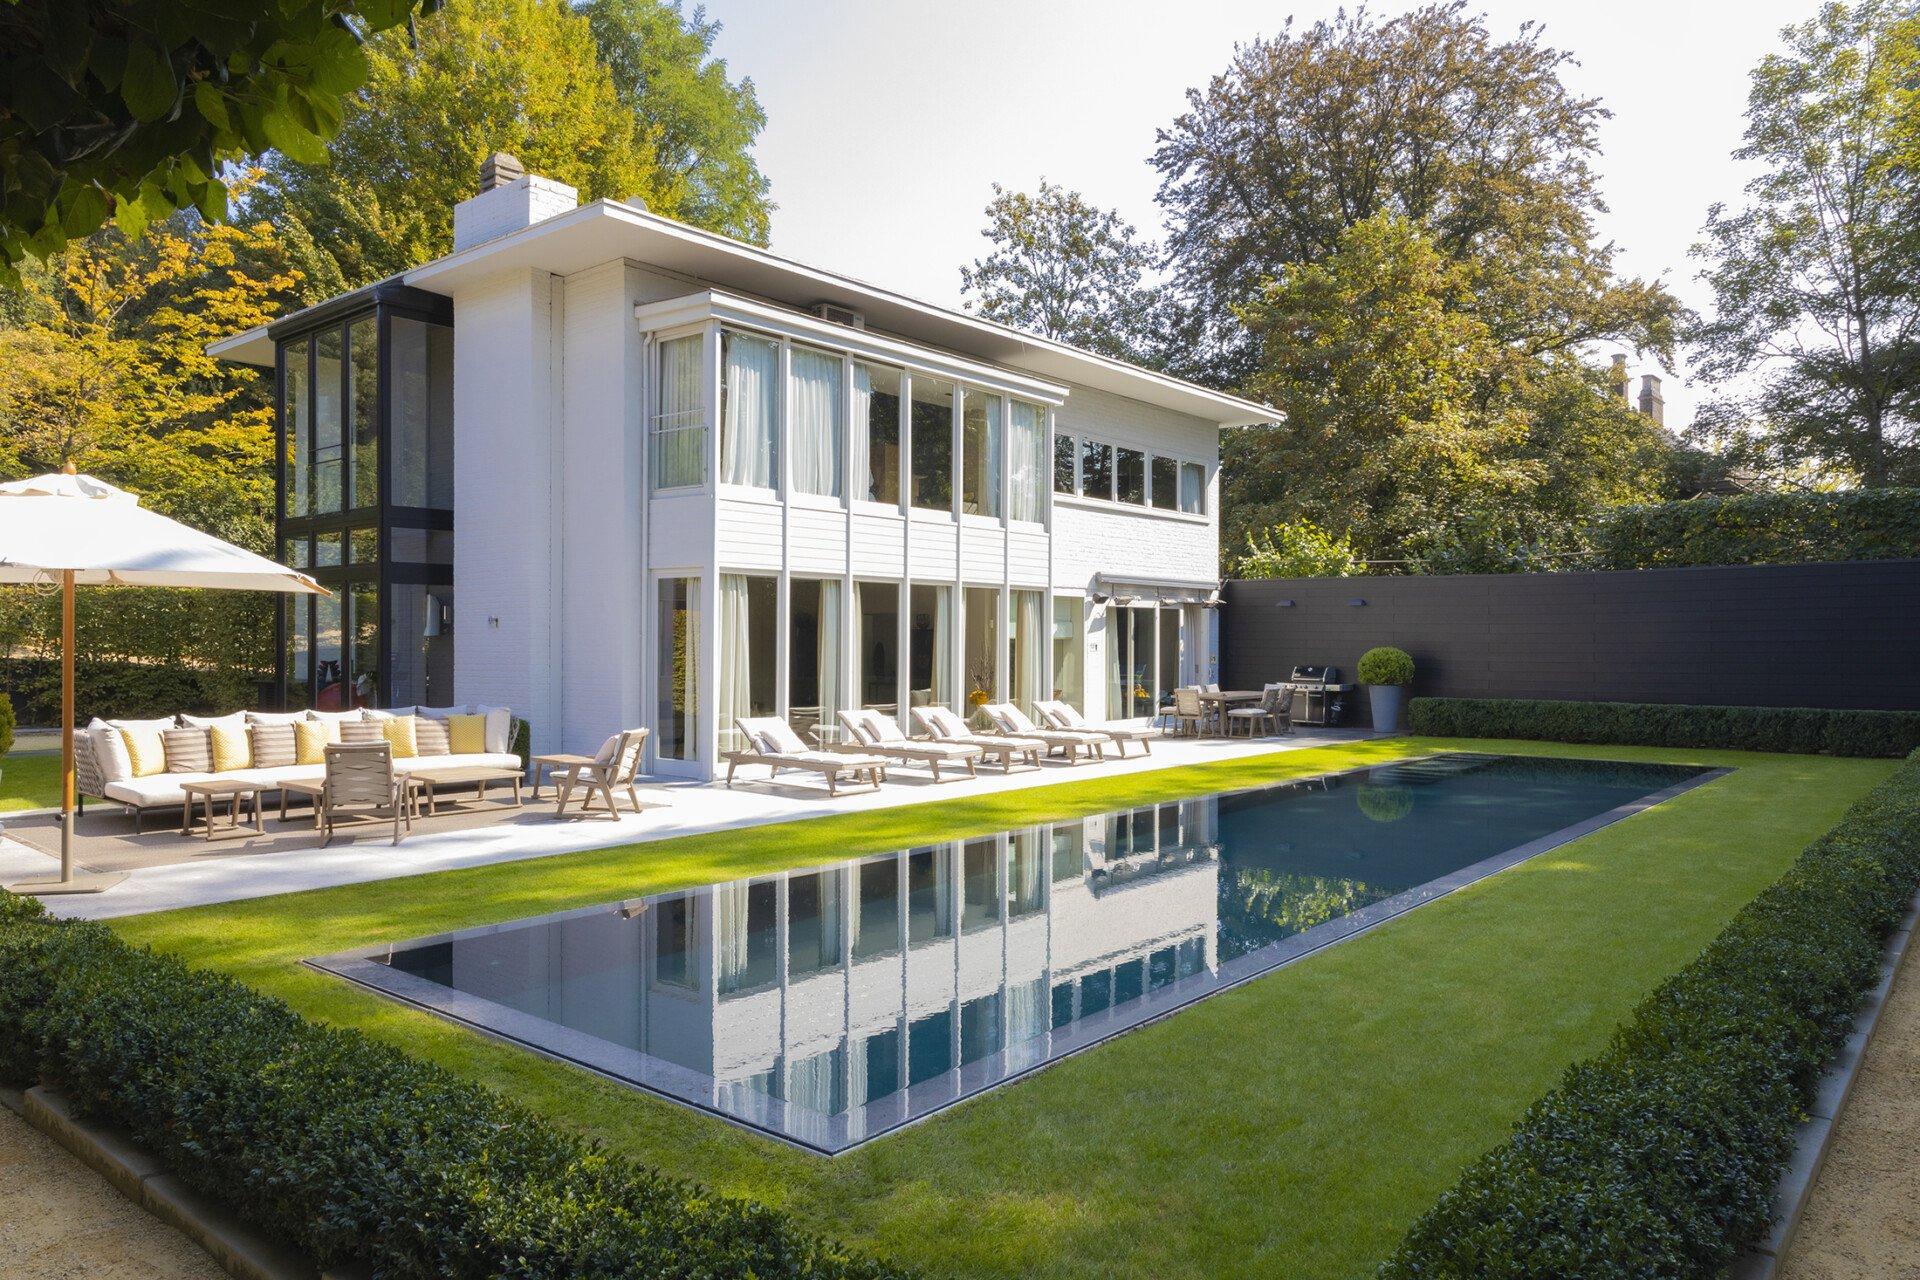 De mooiste zwembaden stelt een realisatie van GP CONSTRUCT voor..